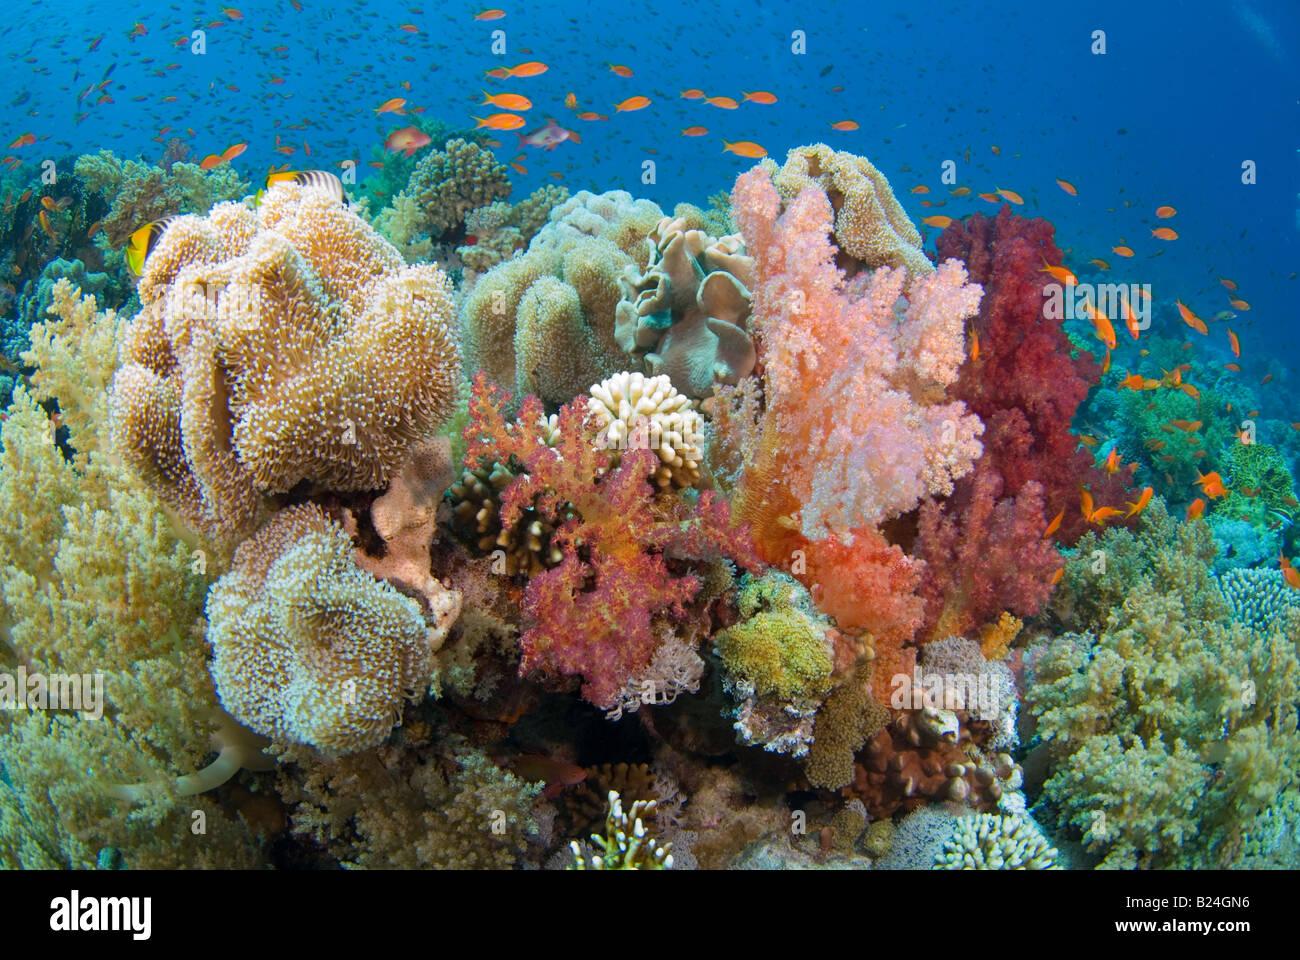 Coral blando rico parche para ser el hogar de muchos animales y peces. Foto de stock